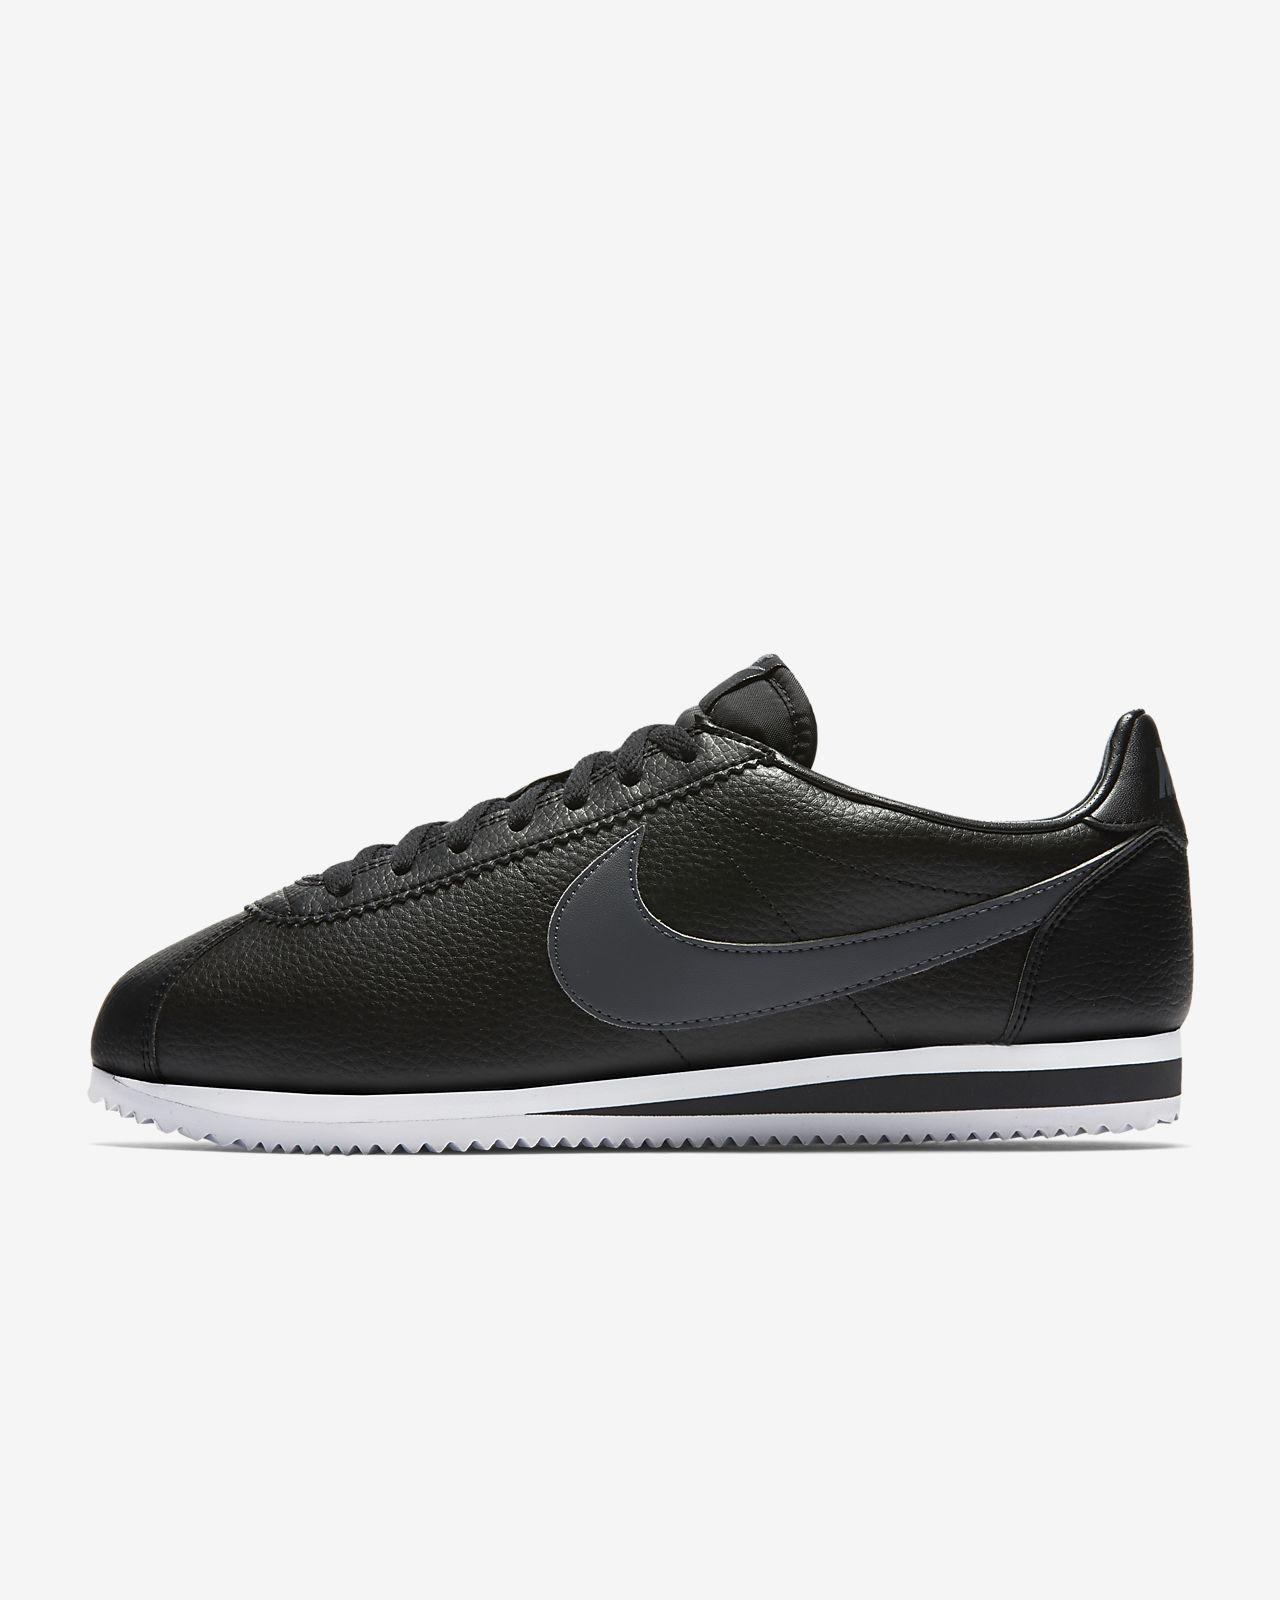 detailed look cda3a 37058 ... Nike Classic Cortez Men s Shoe